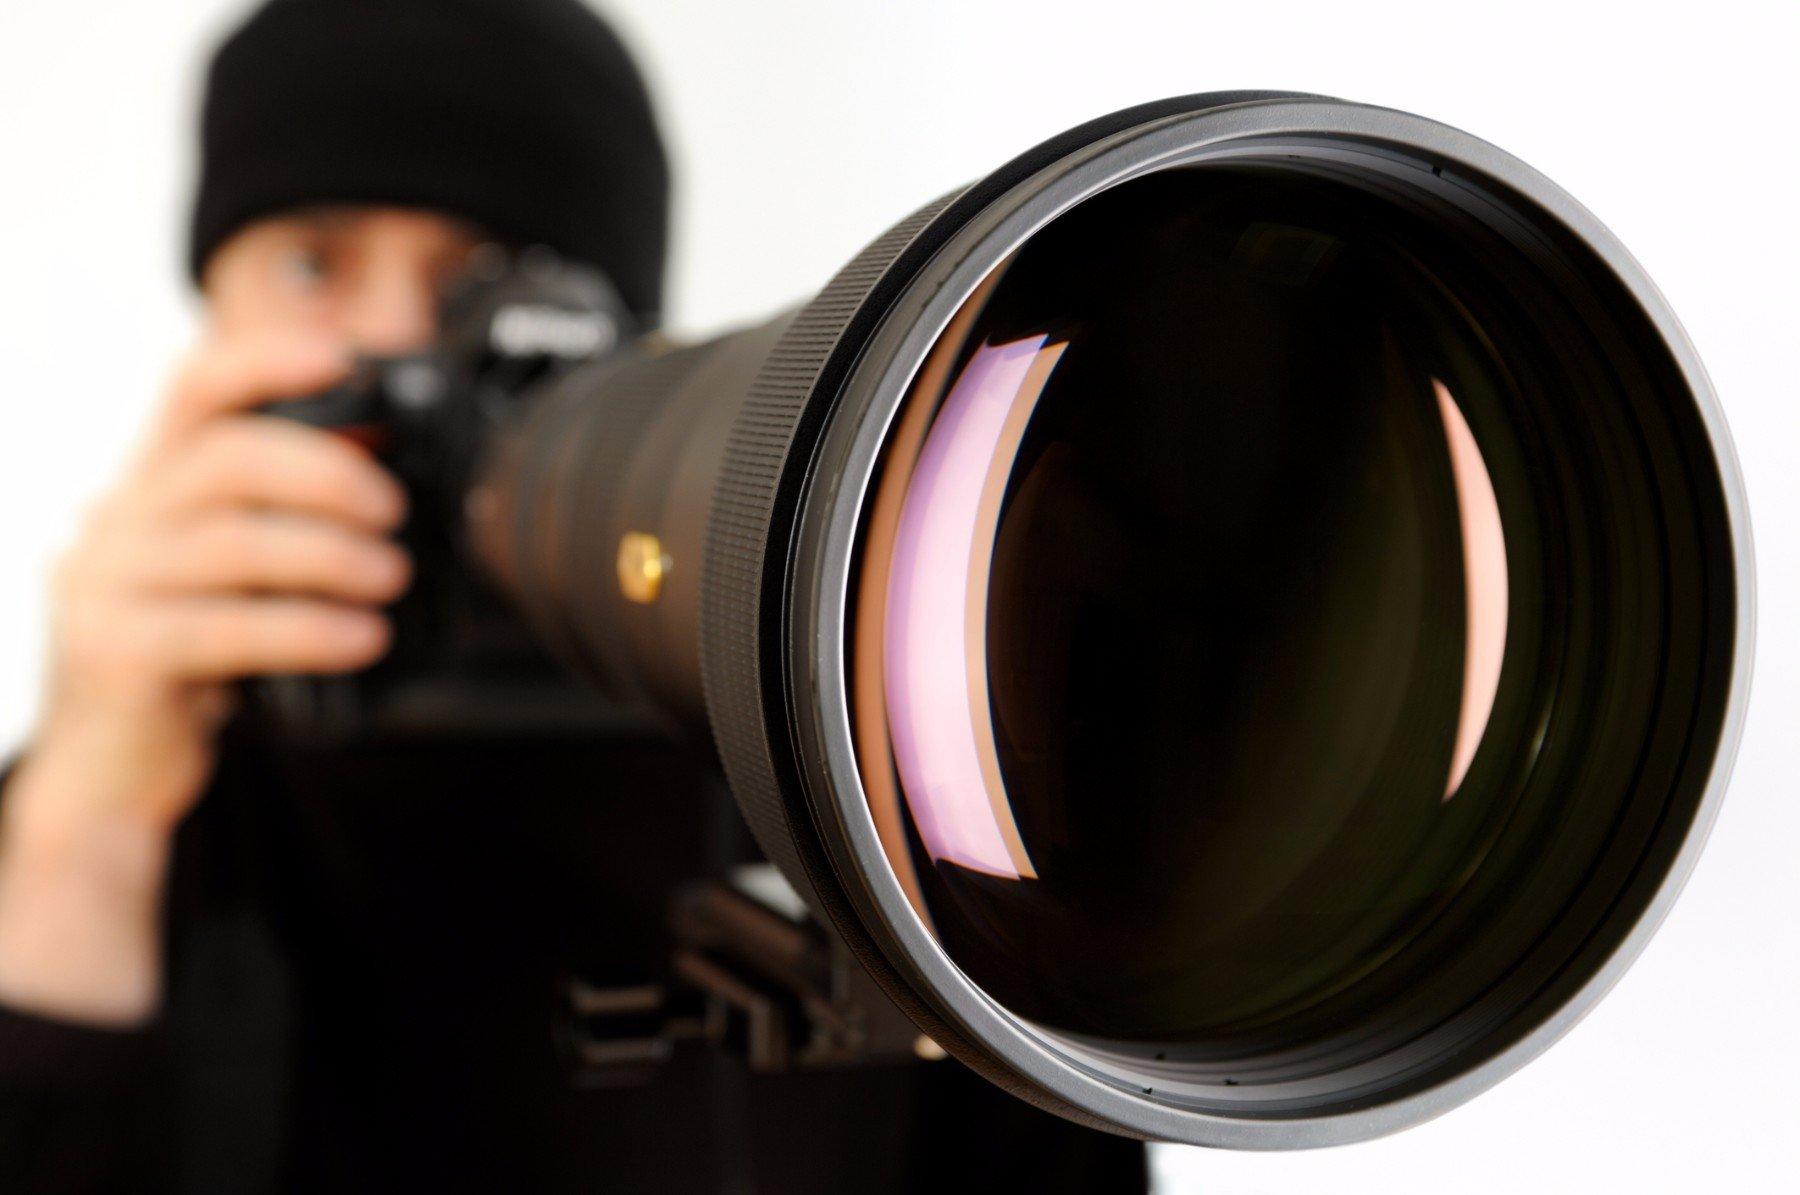 un primo piano di un fotografo con una macchina fotografica professionale